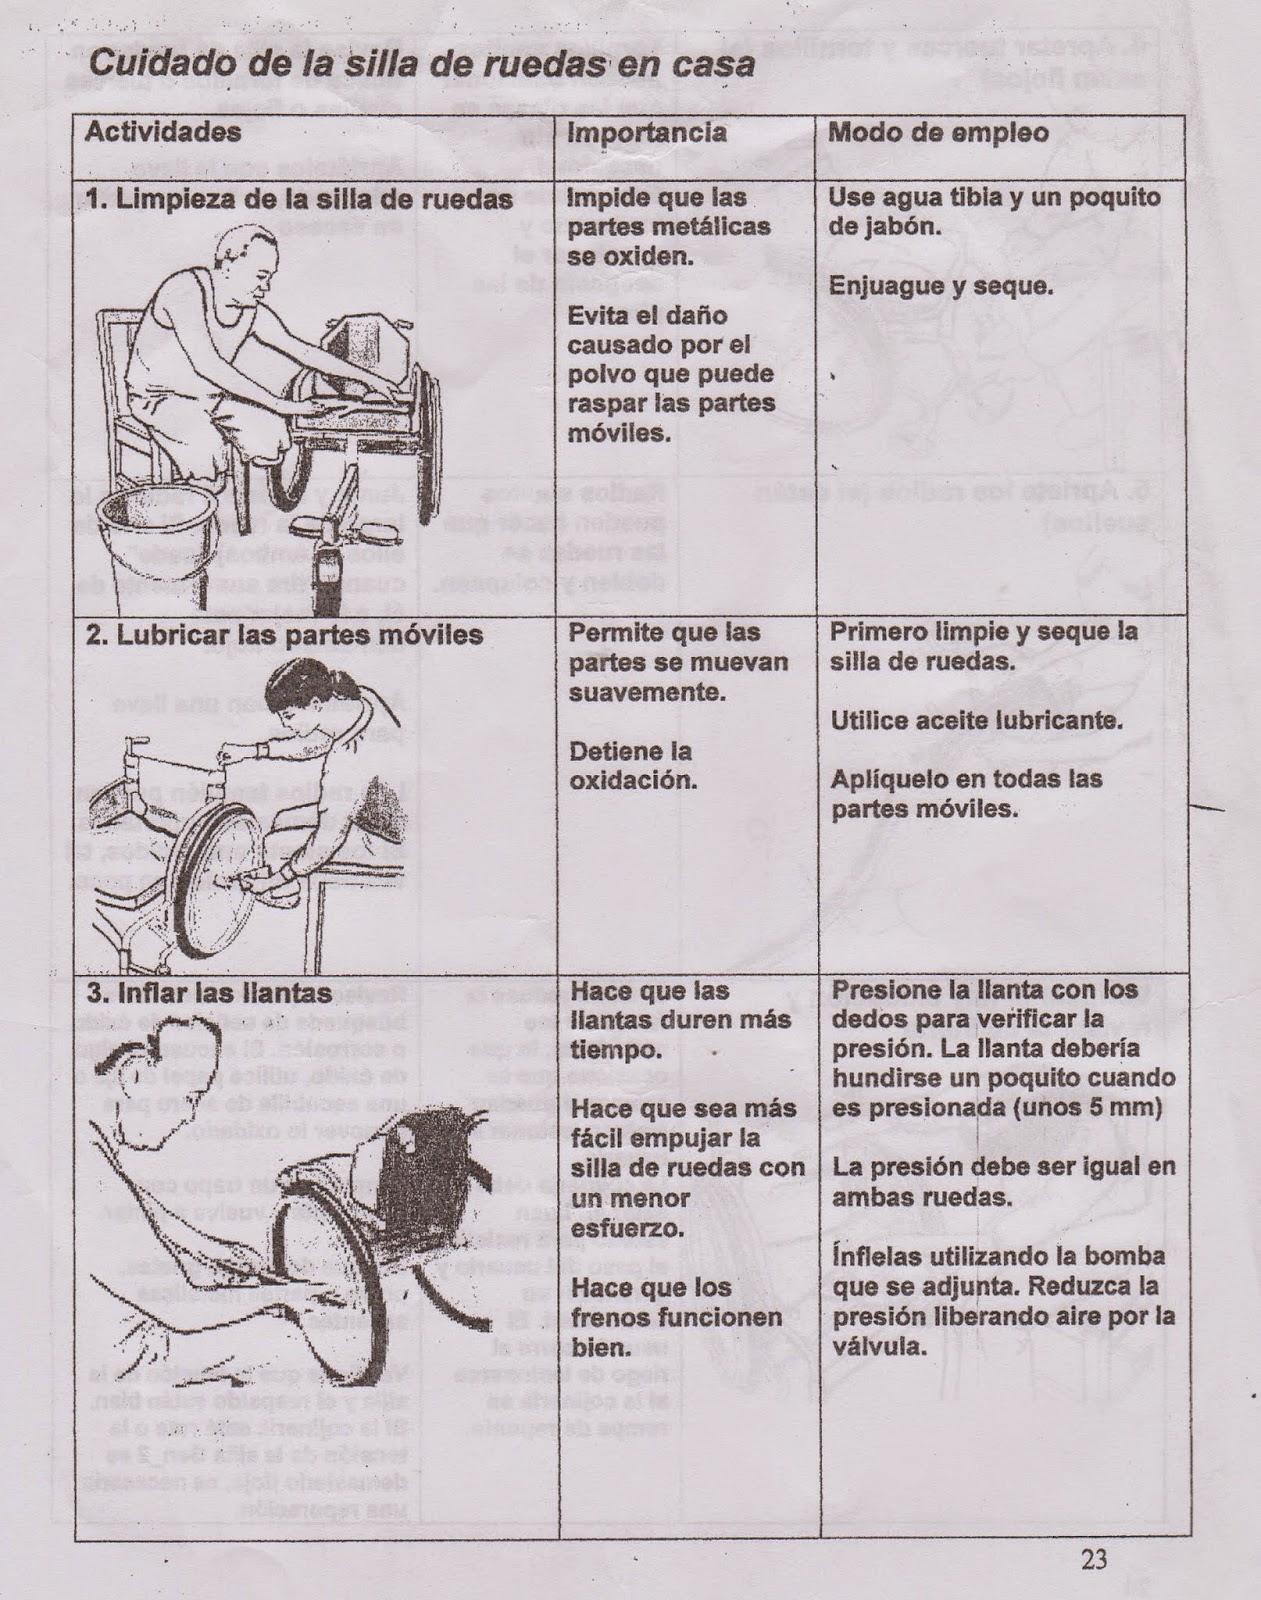 cuidados de la silla de ruedas en casa